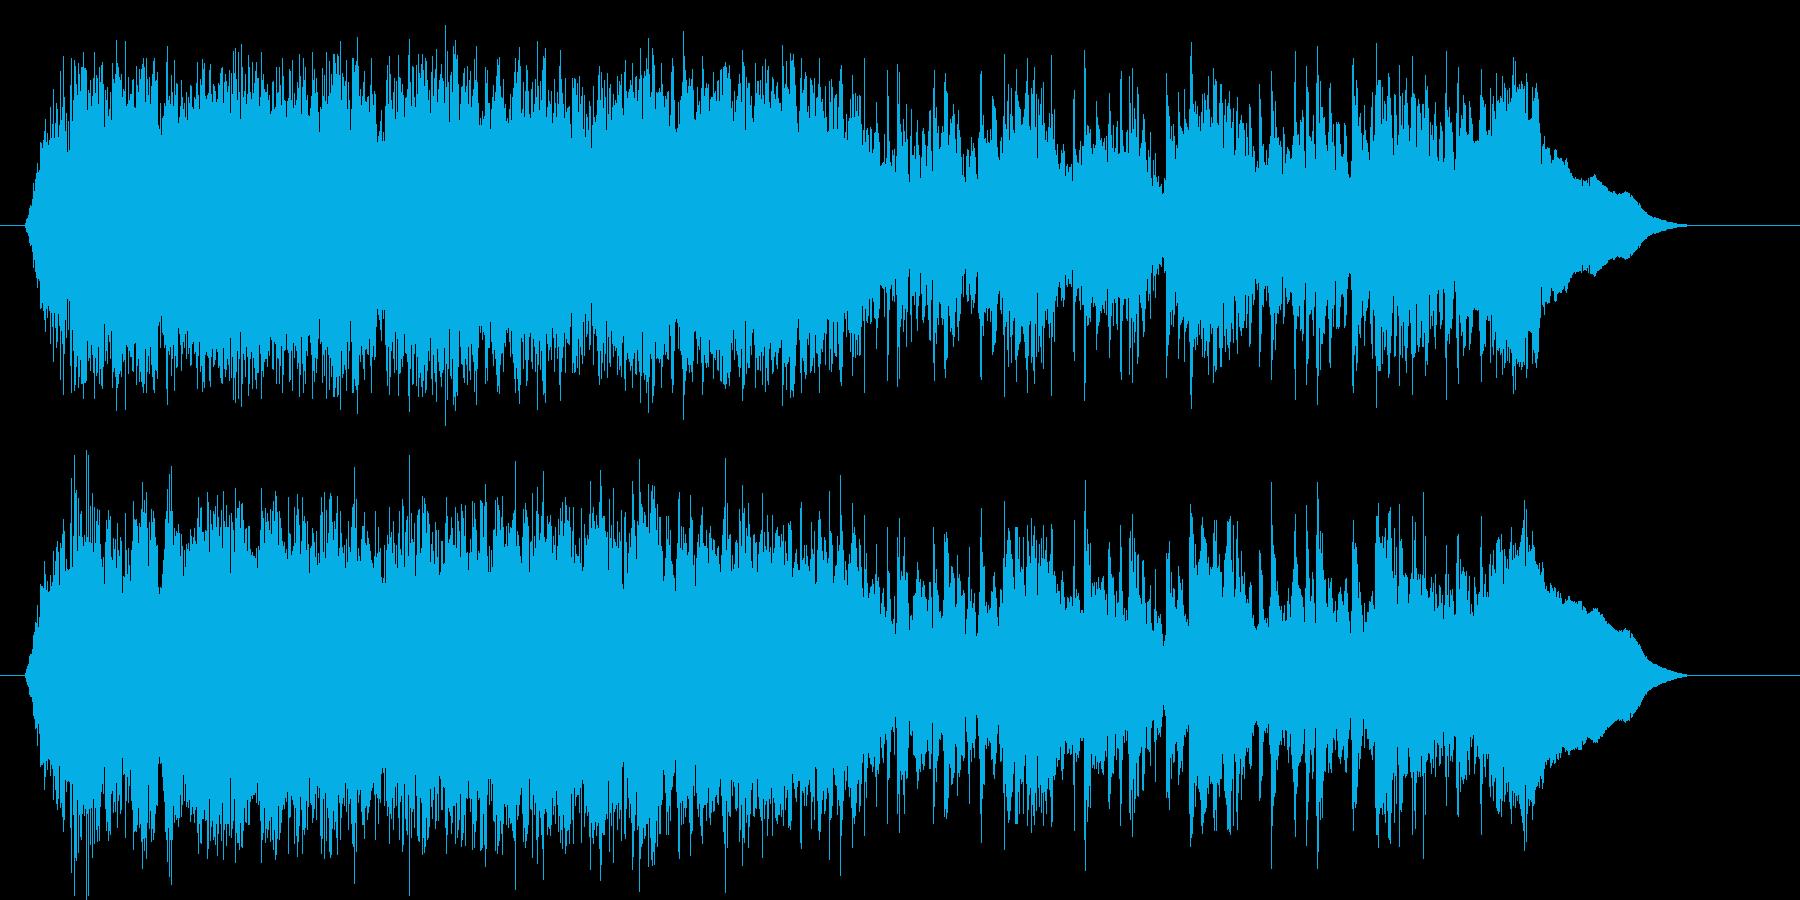 壮大でキレイな始まりの歌の再生済みの波形